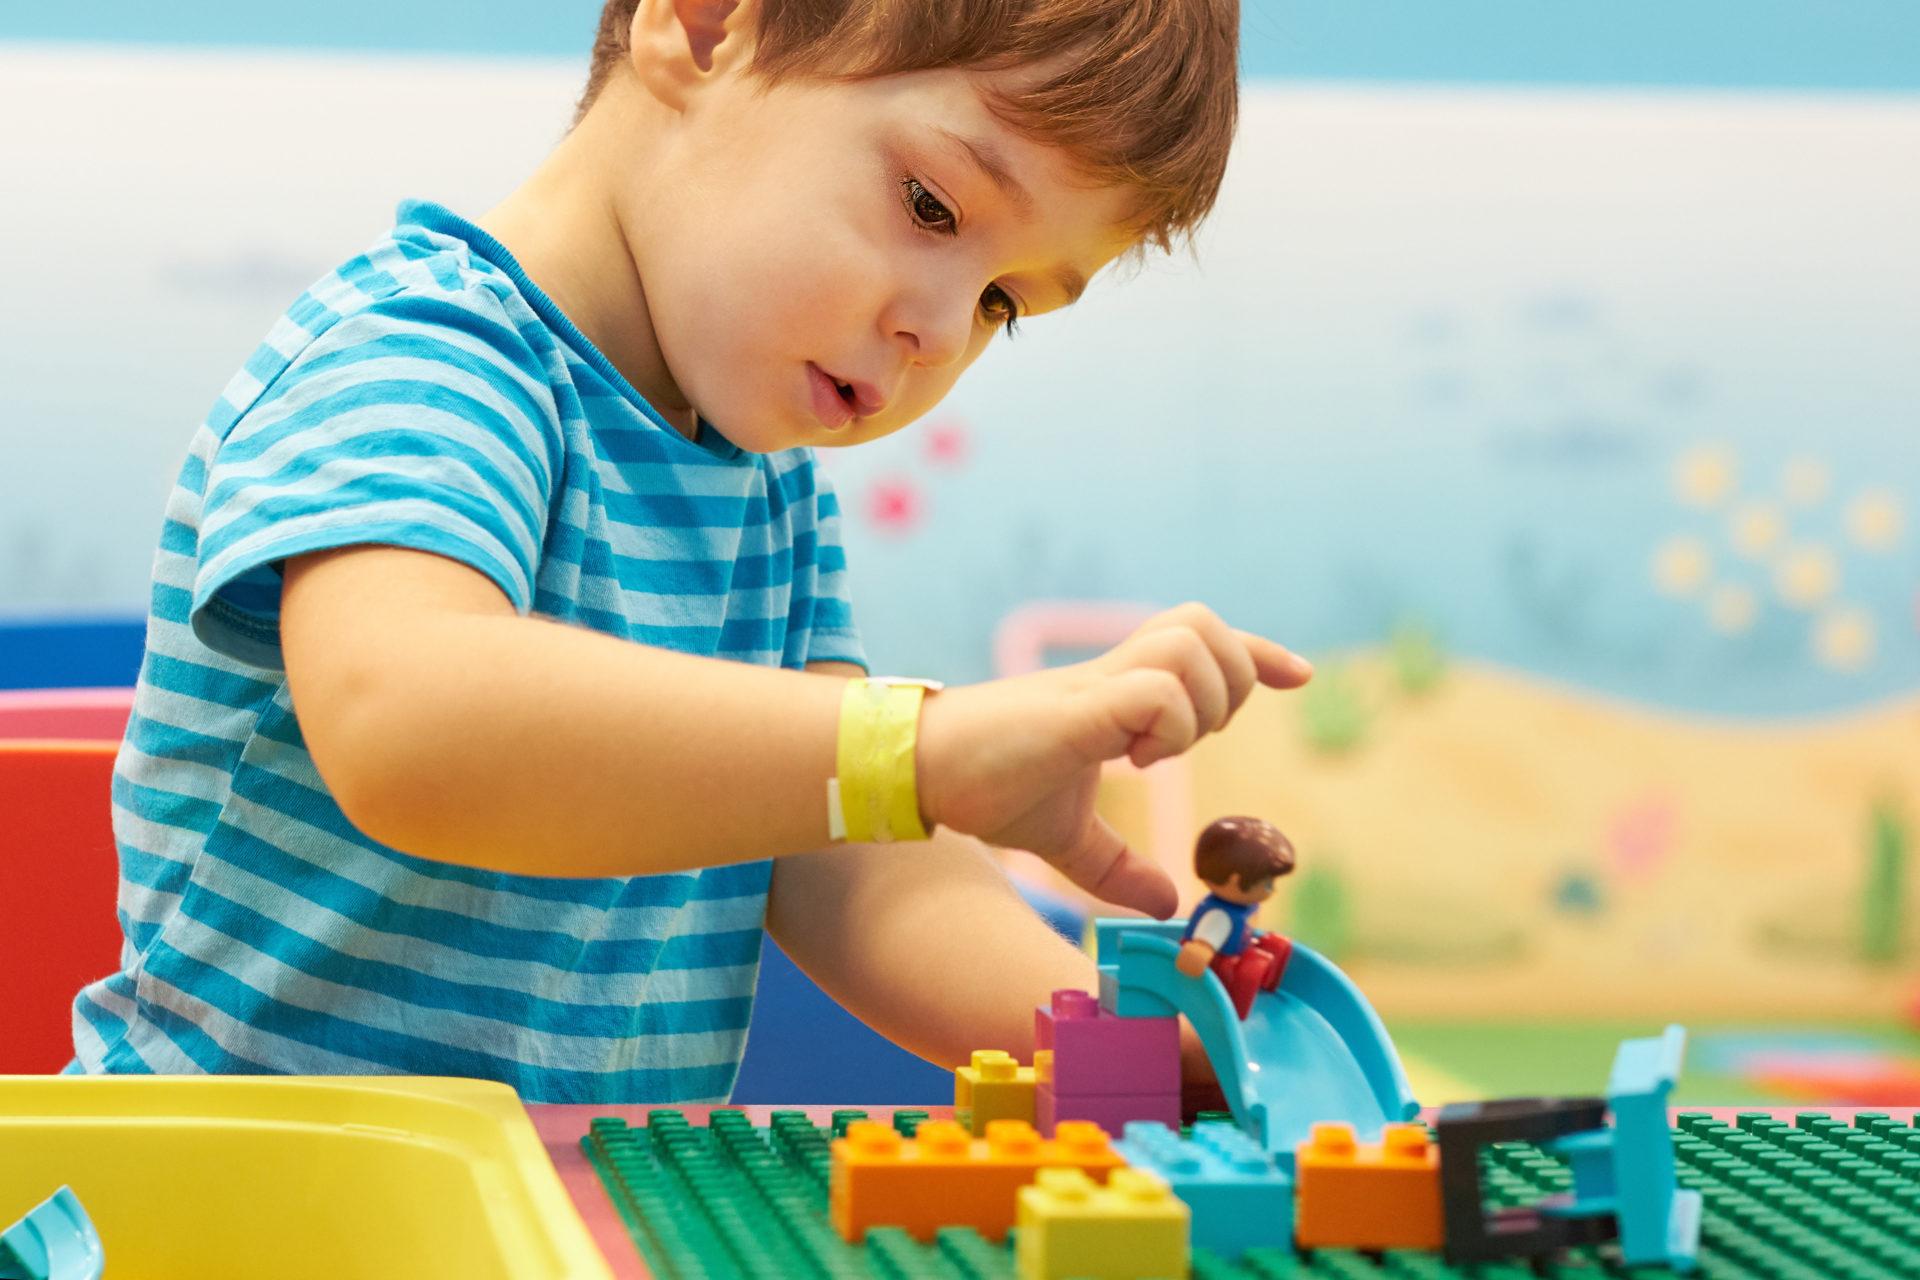 Jeu, Jouet Enfant - Jeu Enfant 2 Ans, 3 Ans, 4 Ans Et 5 Ans avec Jeux Educatif 2 Ans